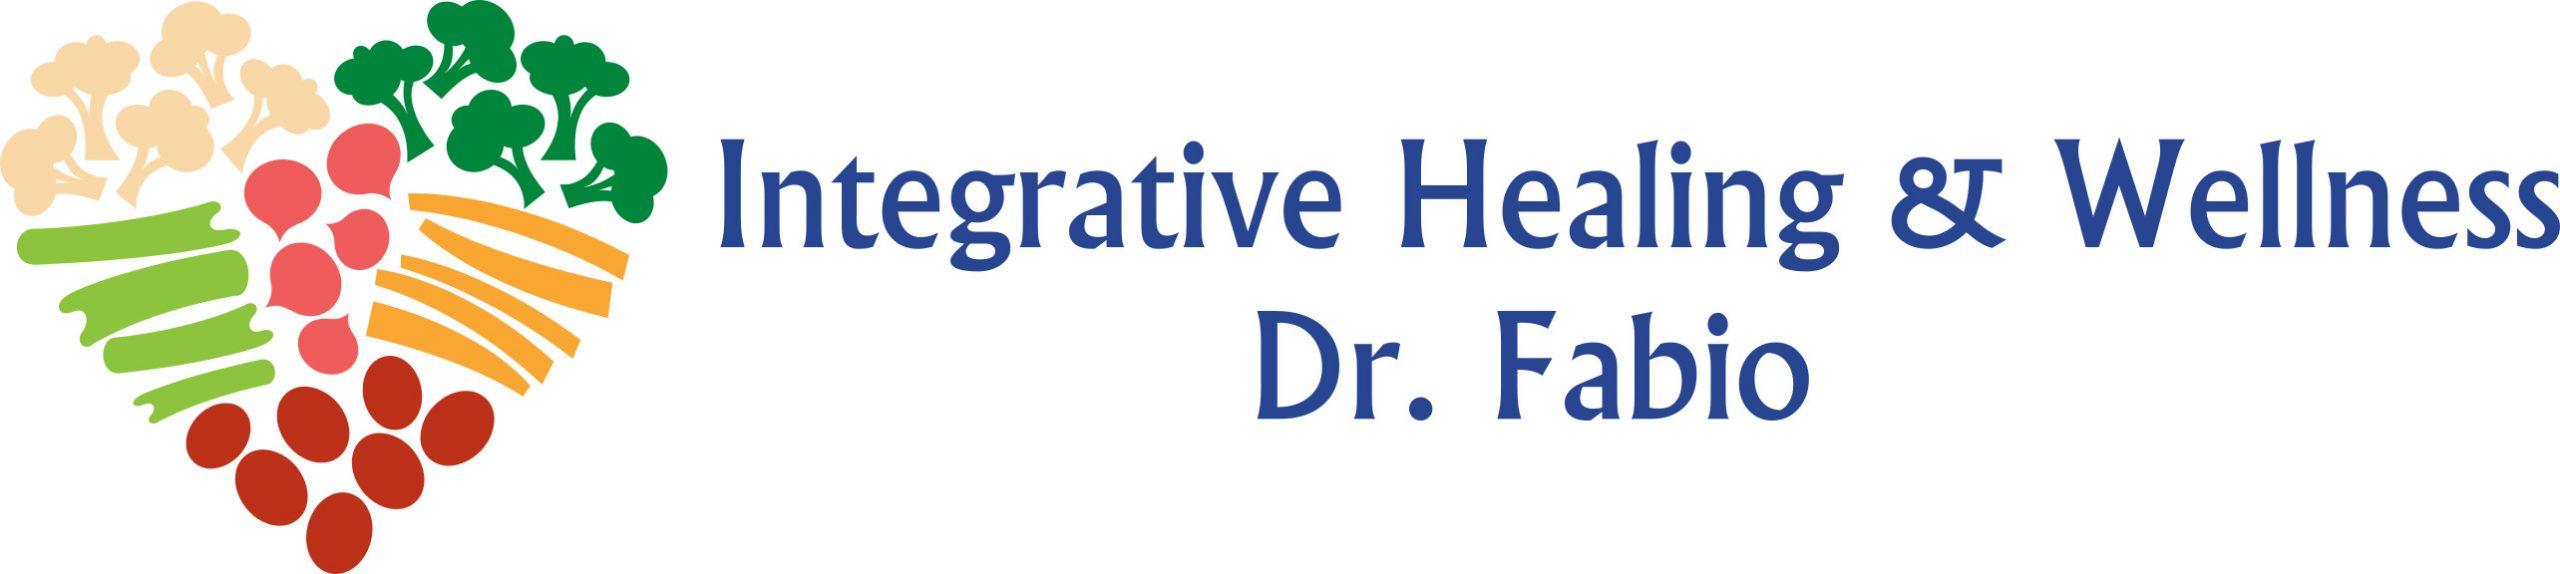 dr fabio